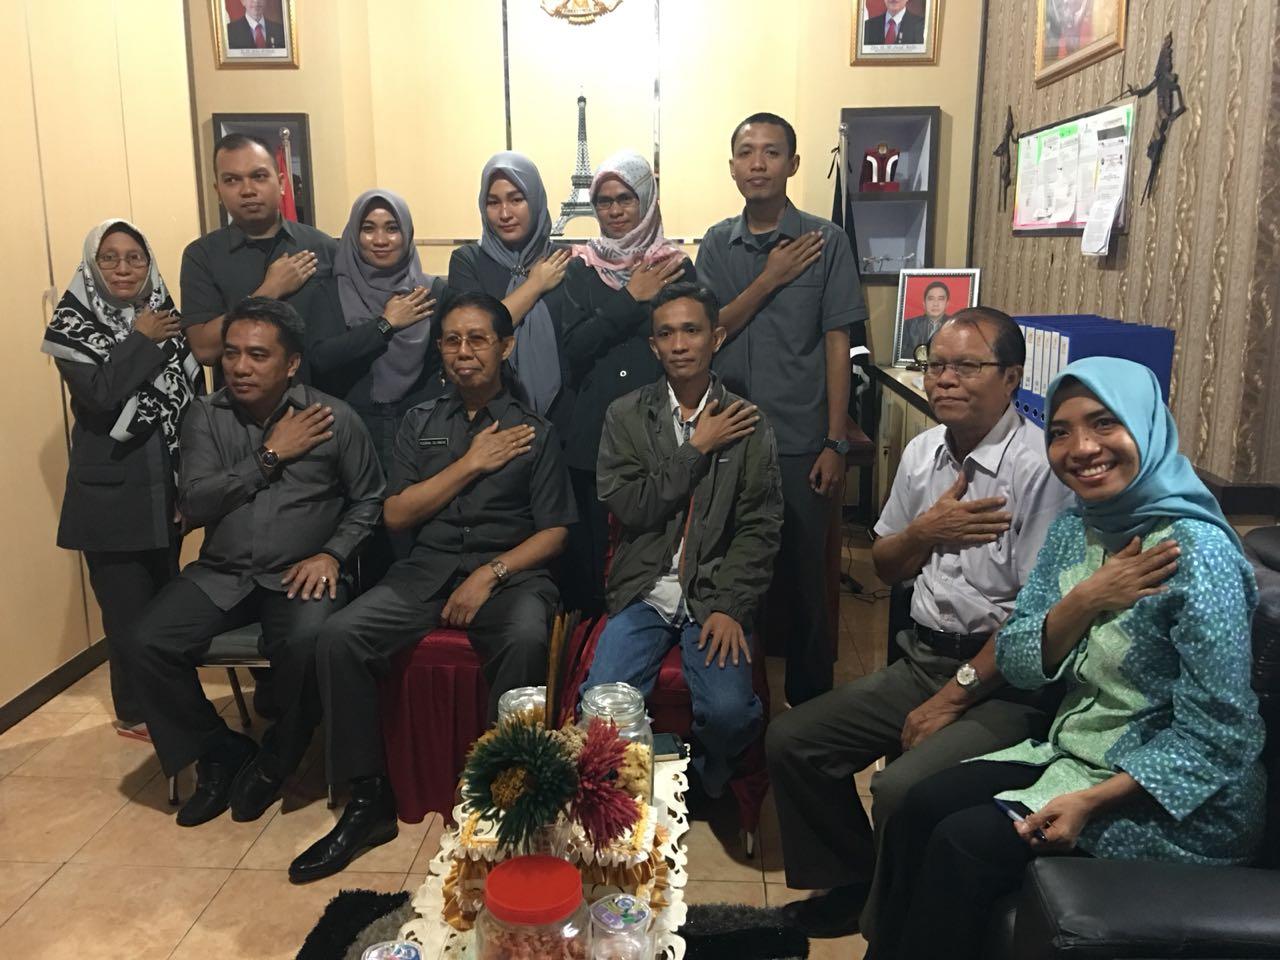 Keterangan: Pertemuan Komisioner KPU Provinsi Sultra dengan Anggota DPD RI, Drs. H. Yusran A. Silondae, M.Si (25/06/18) di Kantor KPU Provinsi.